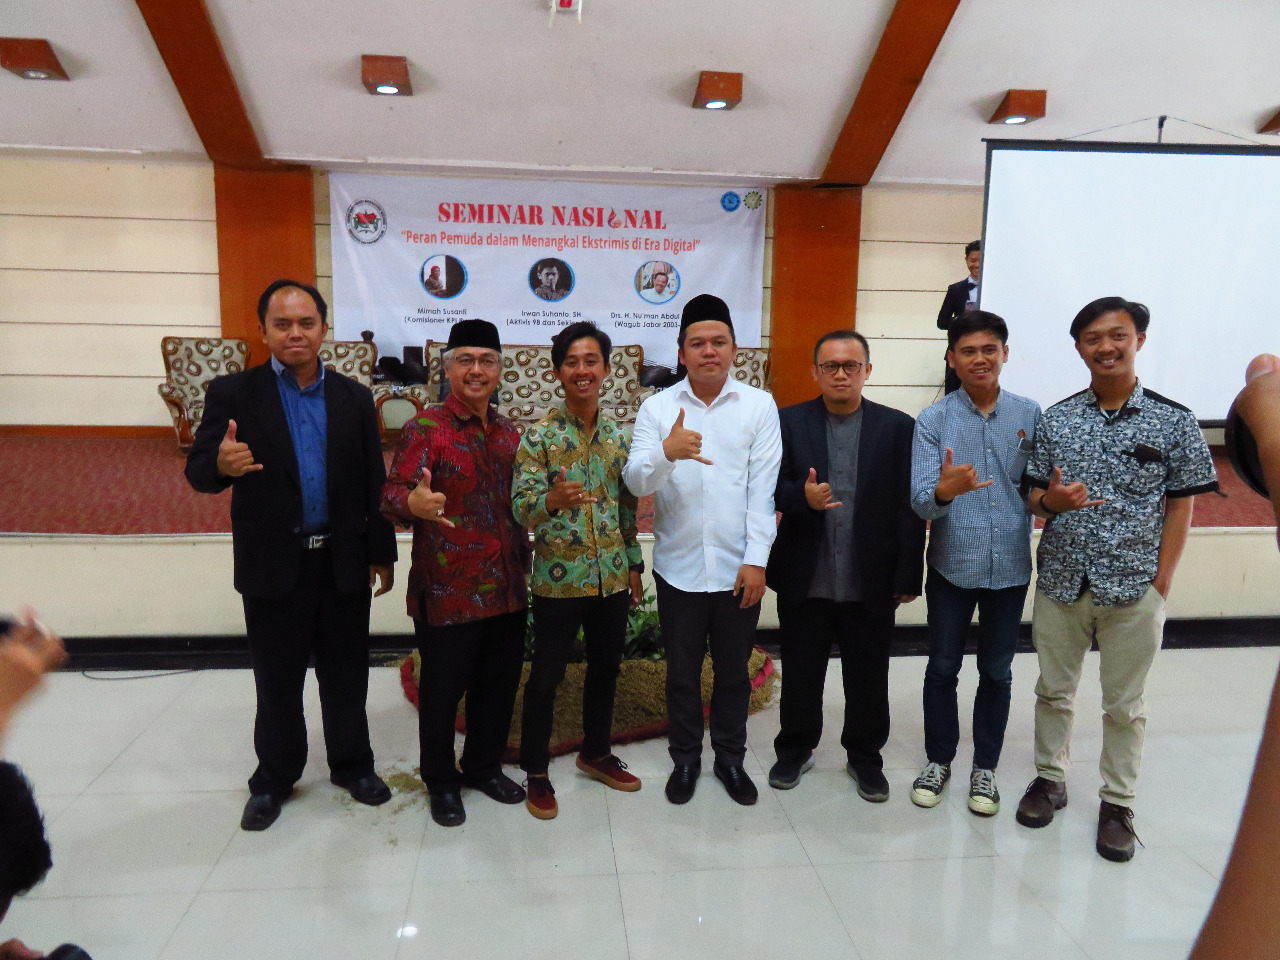 """Seminar Nasional : """"Peran Pemuda Menangkal Ekstrimis Di Era Digital"""""""